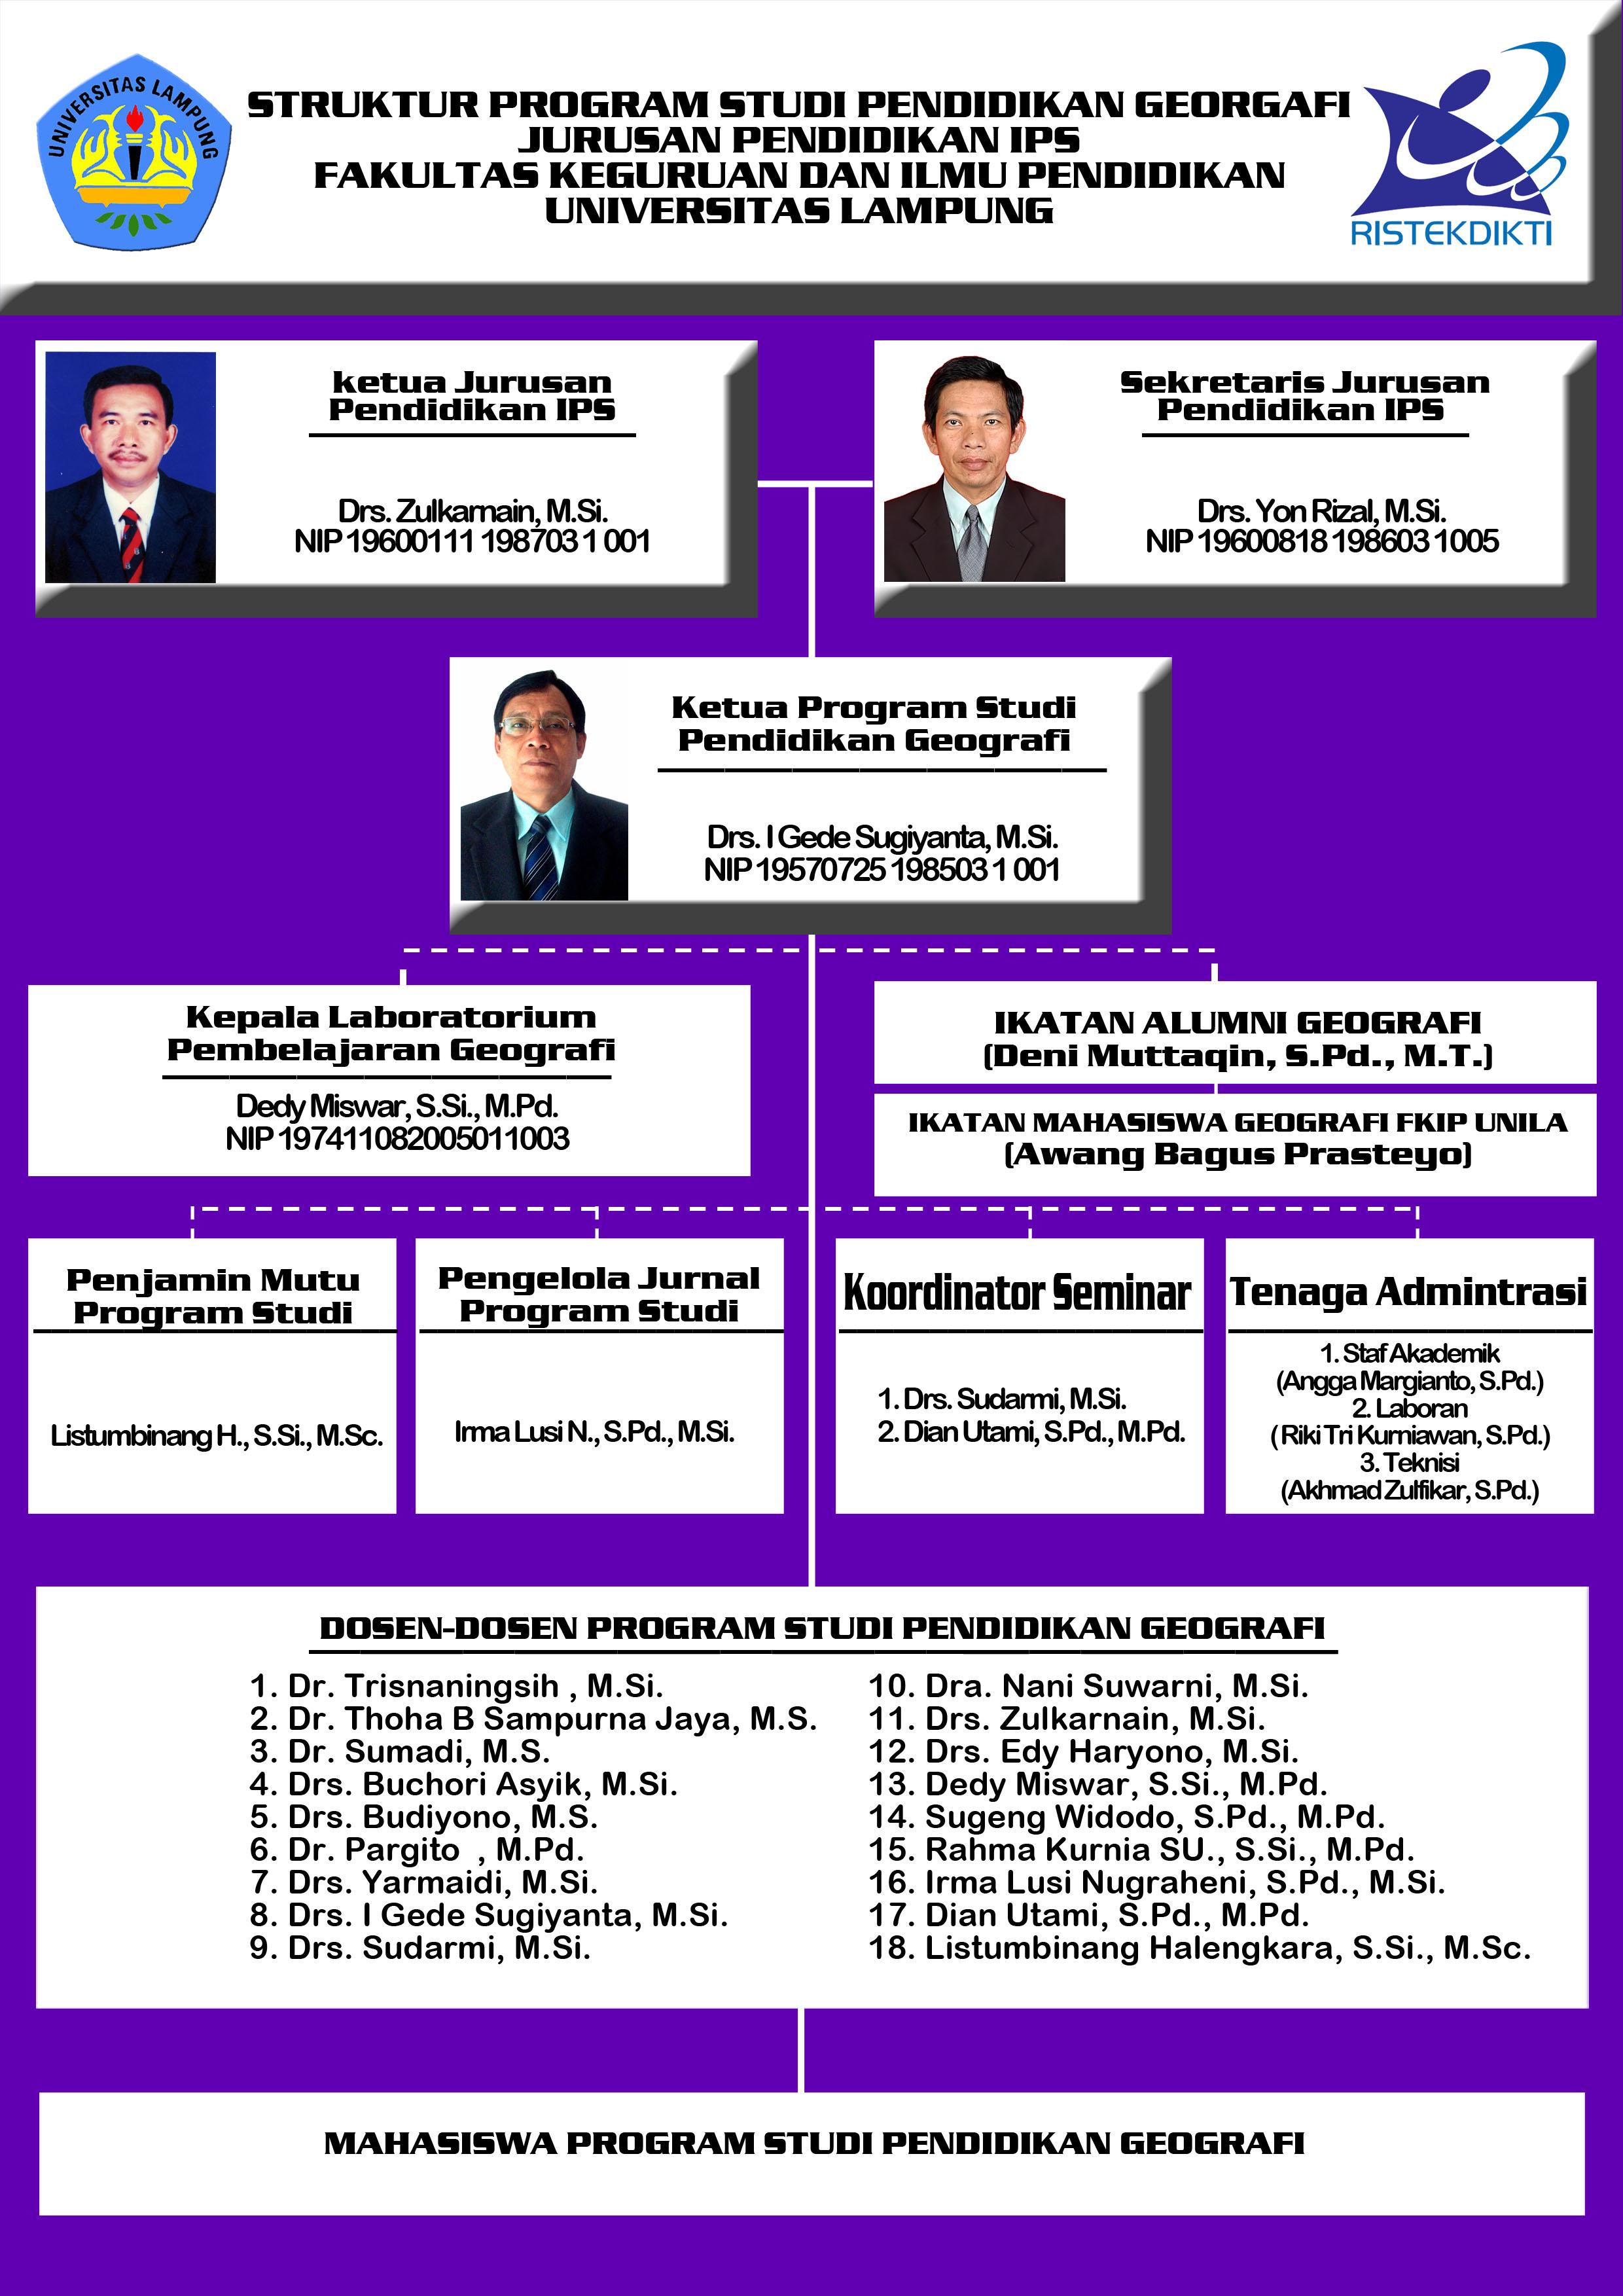 struktur program studi